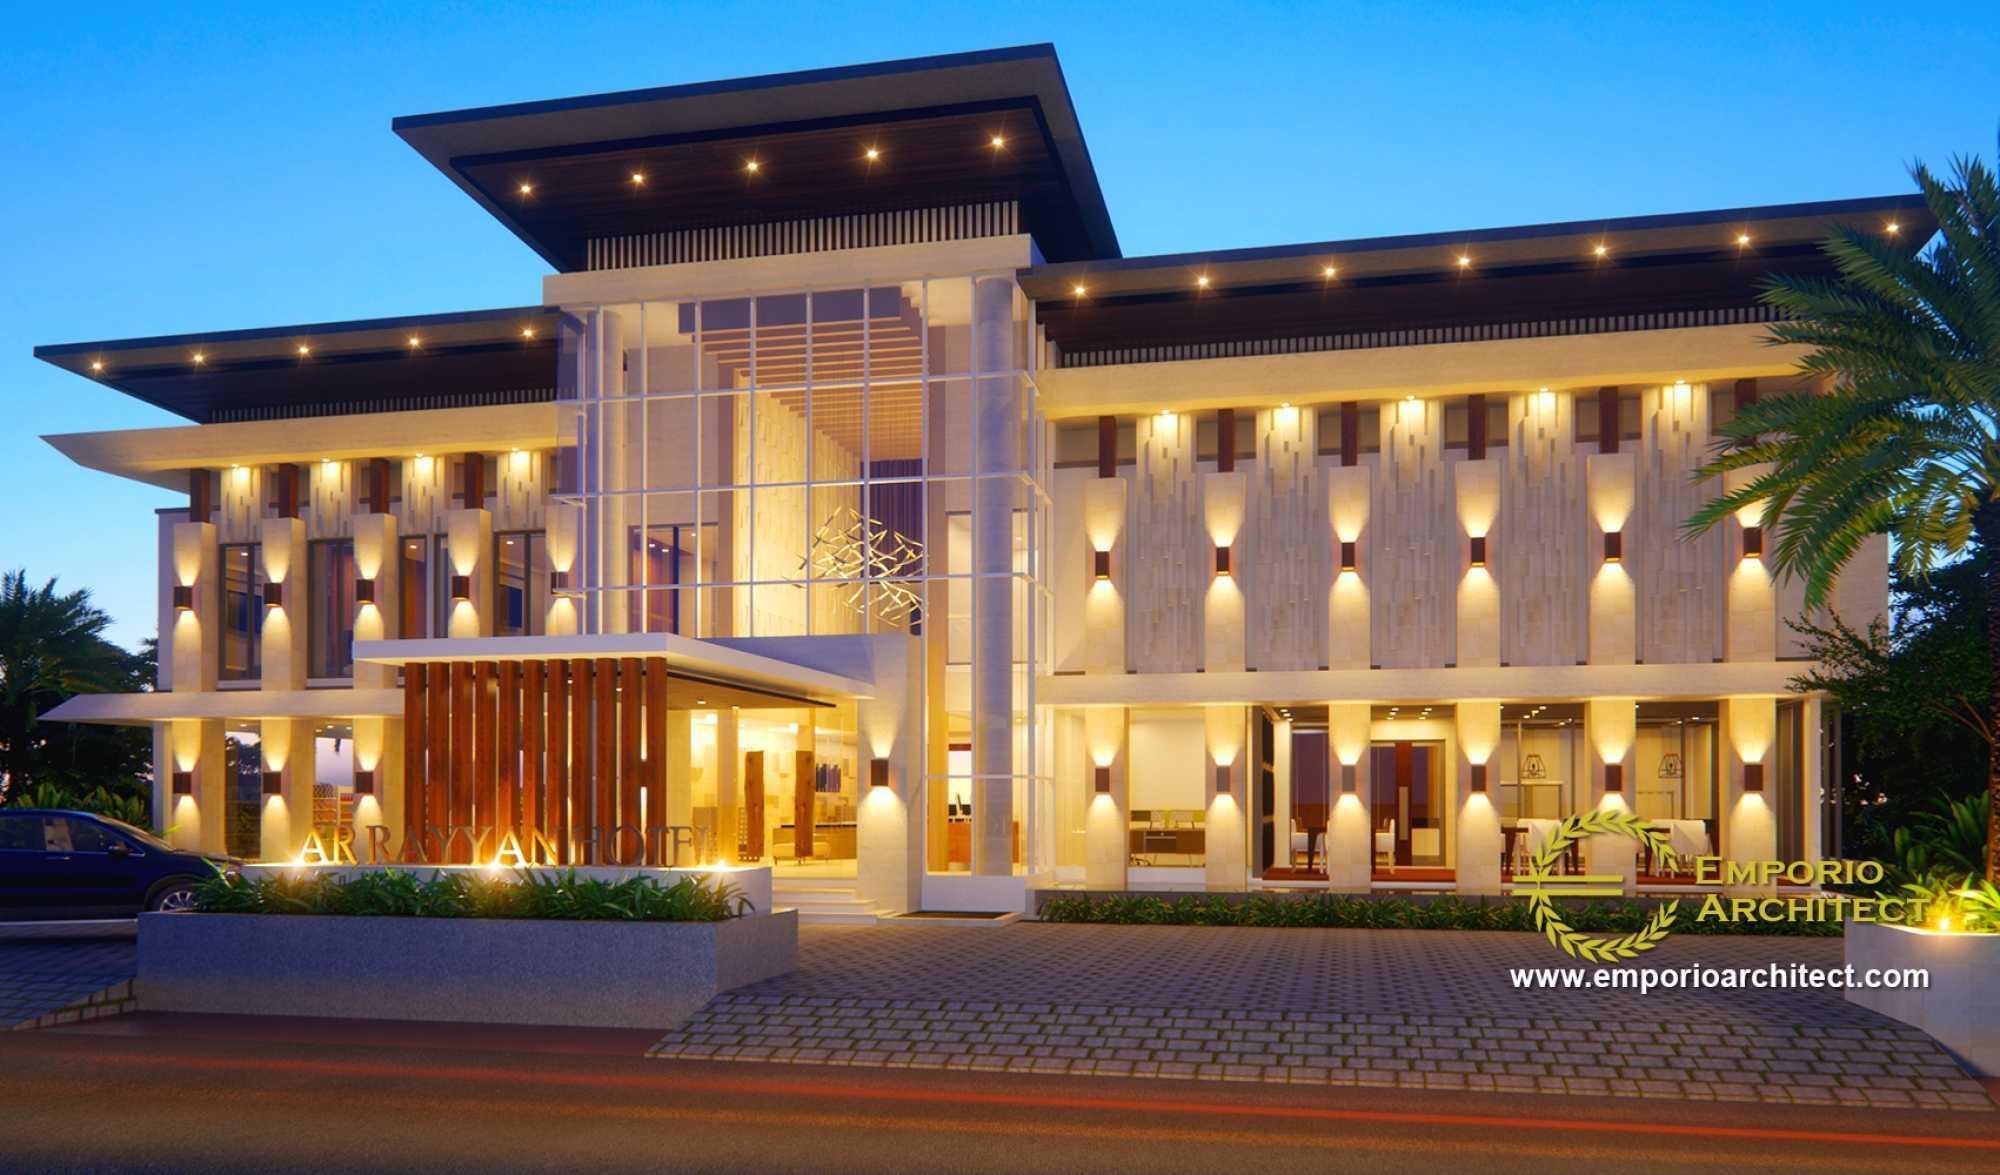 Emporio Architect di Banjarmasin